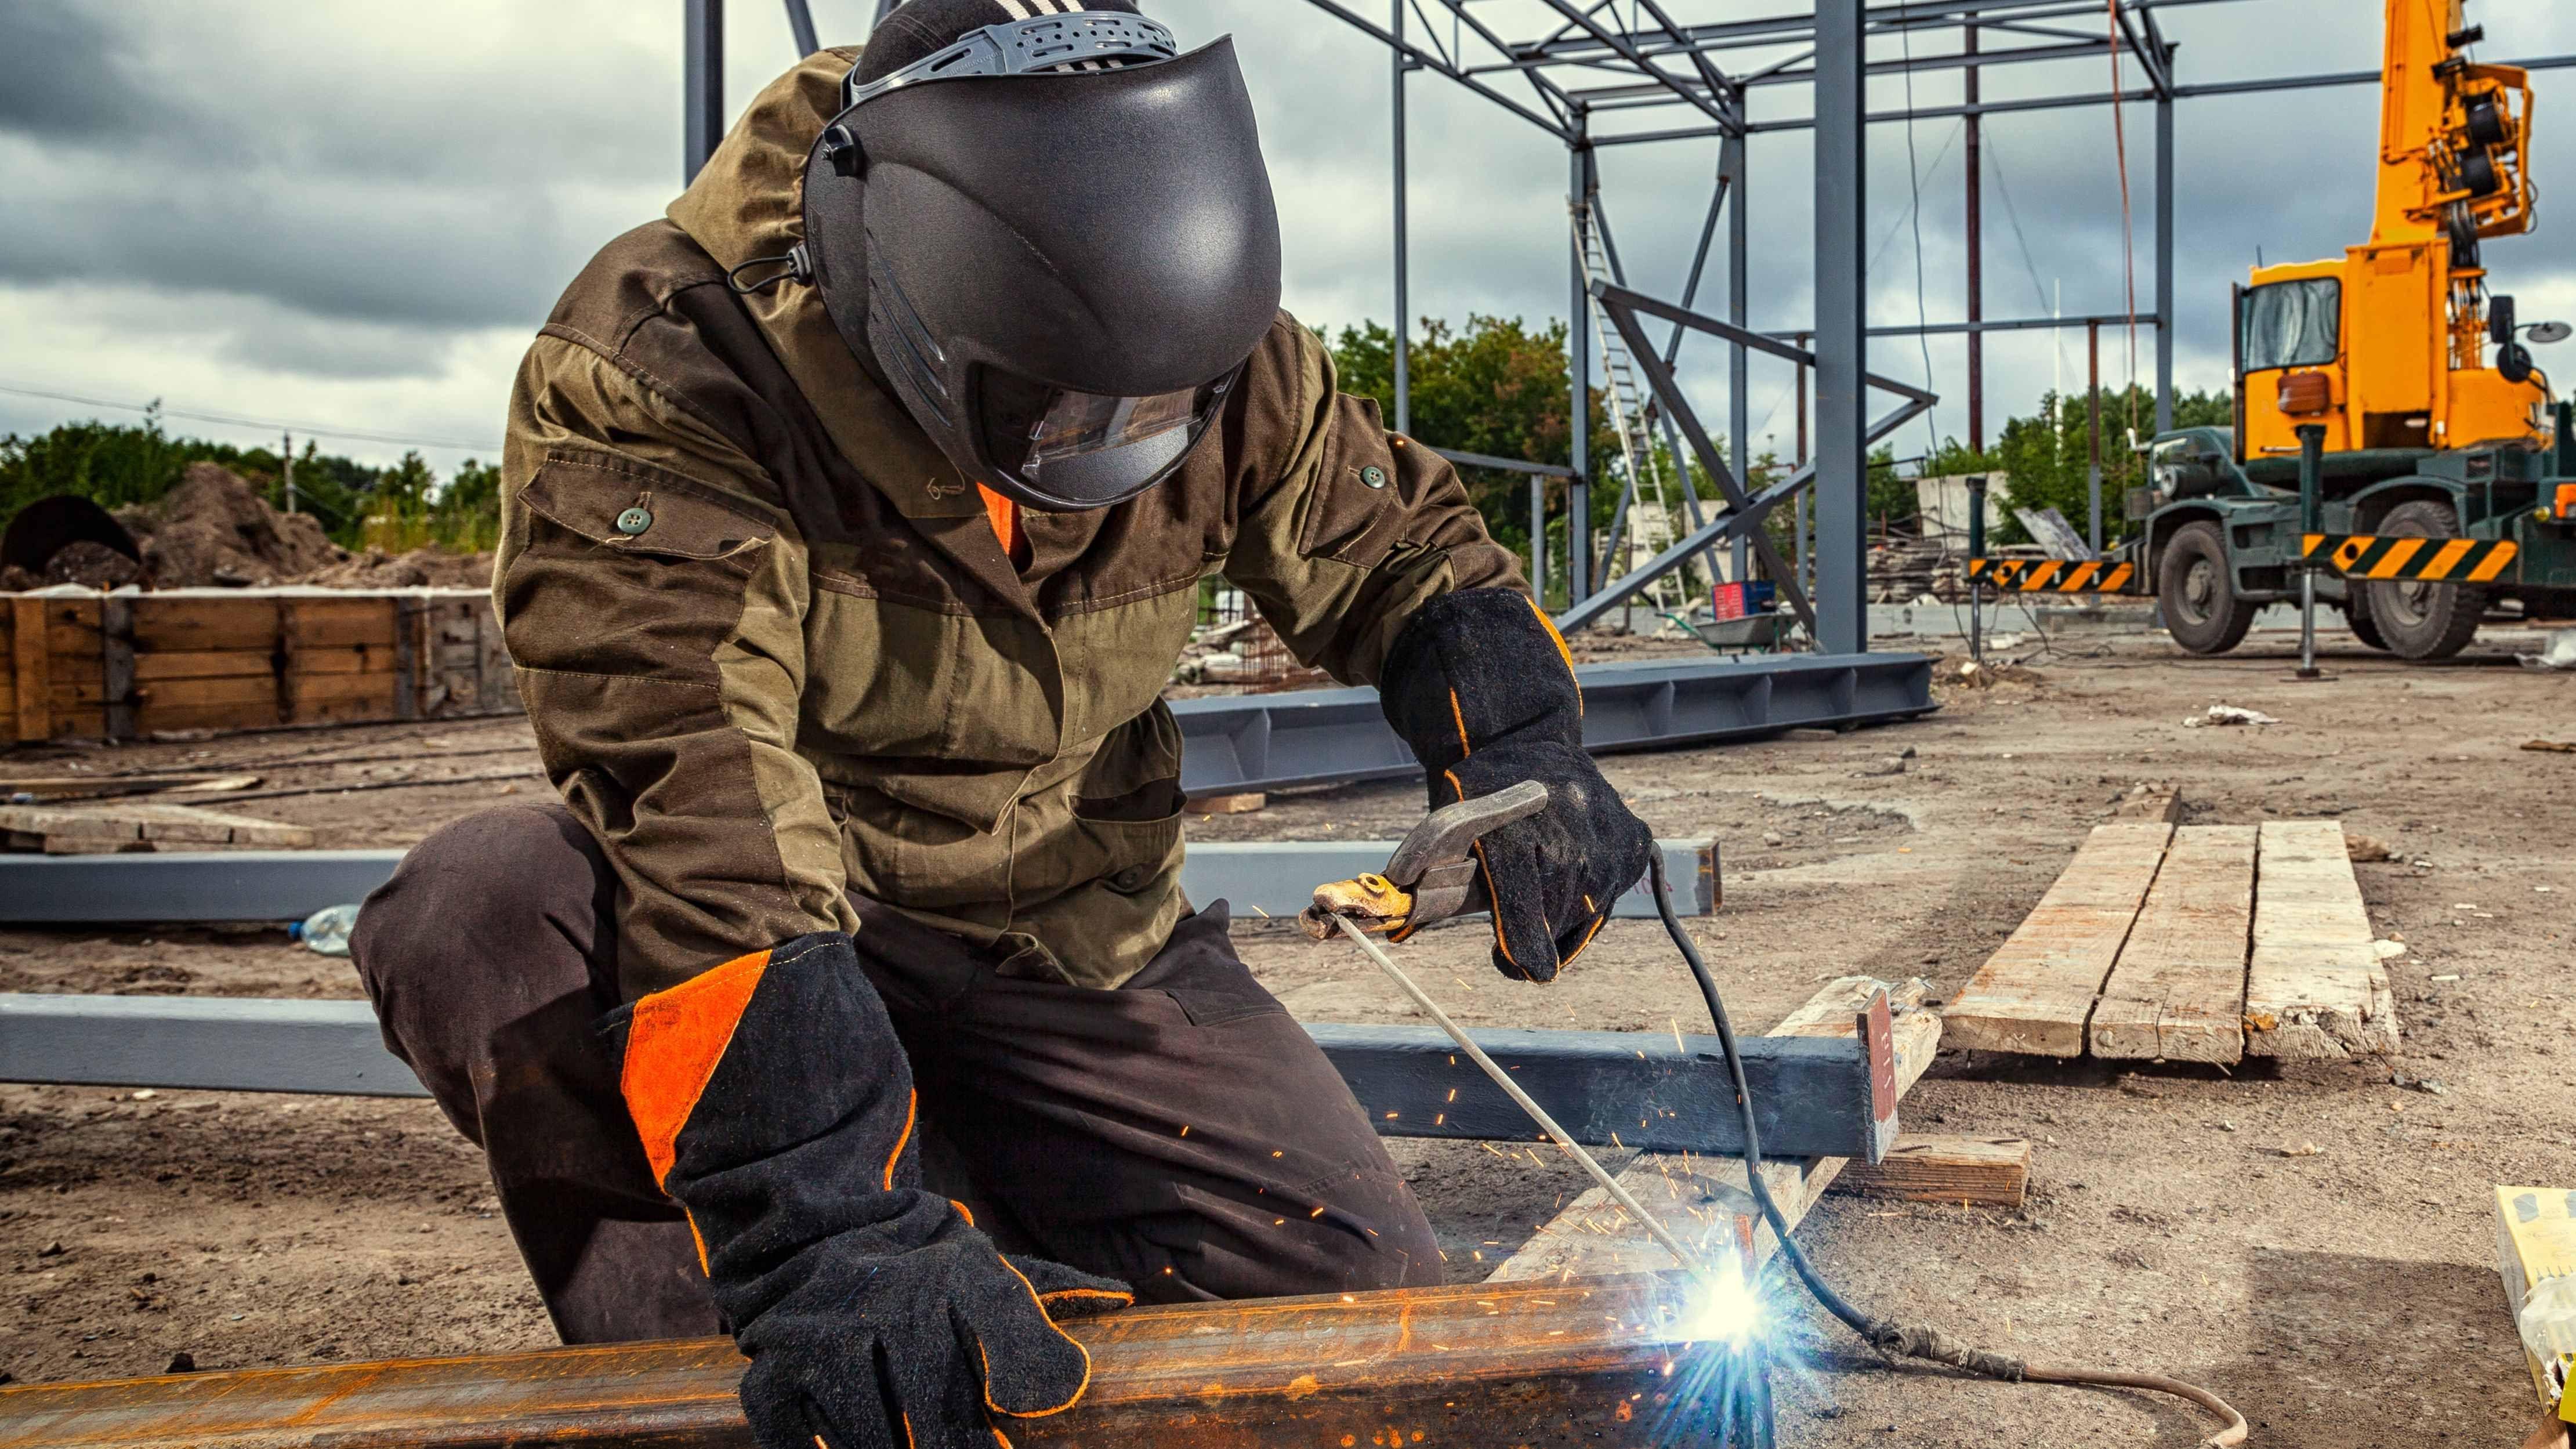 Come scegliere strumenti e protezioni per la saldatura ad arco